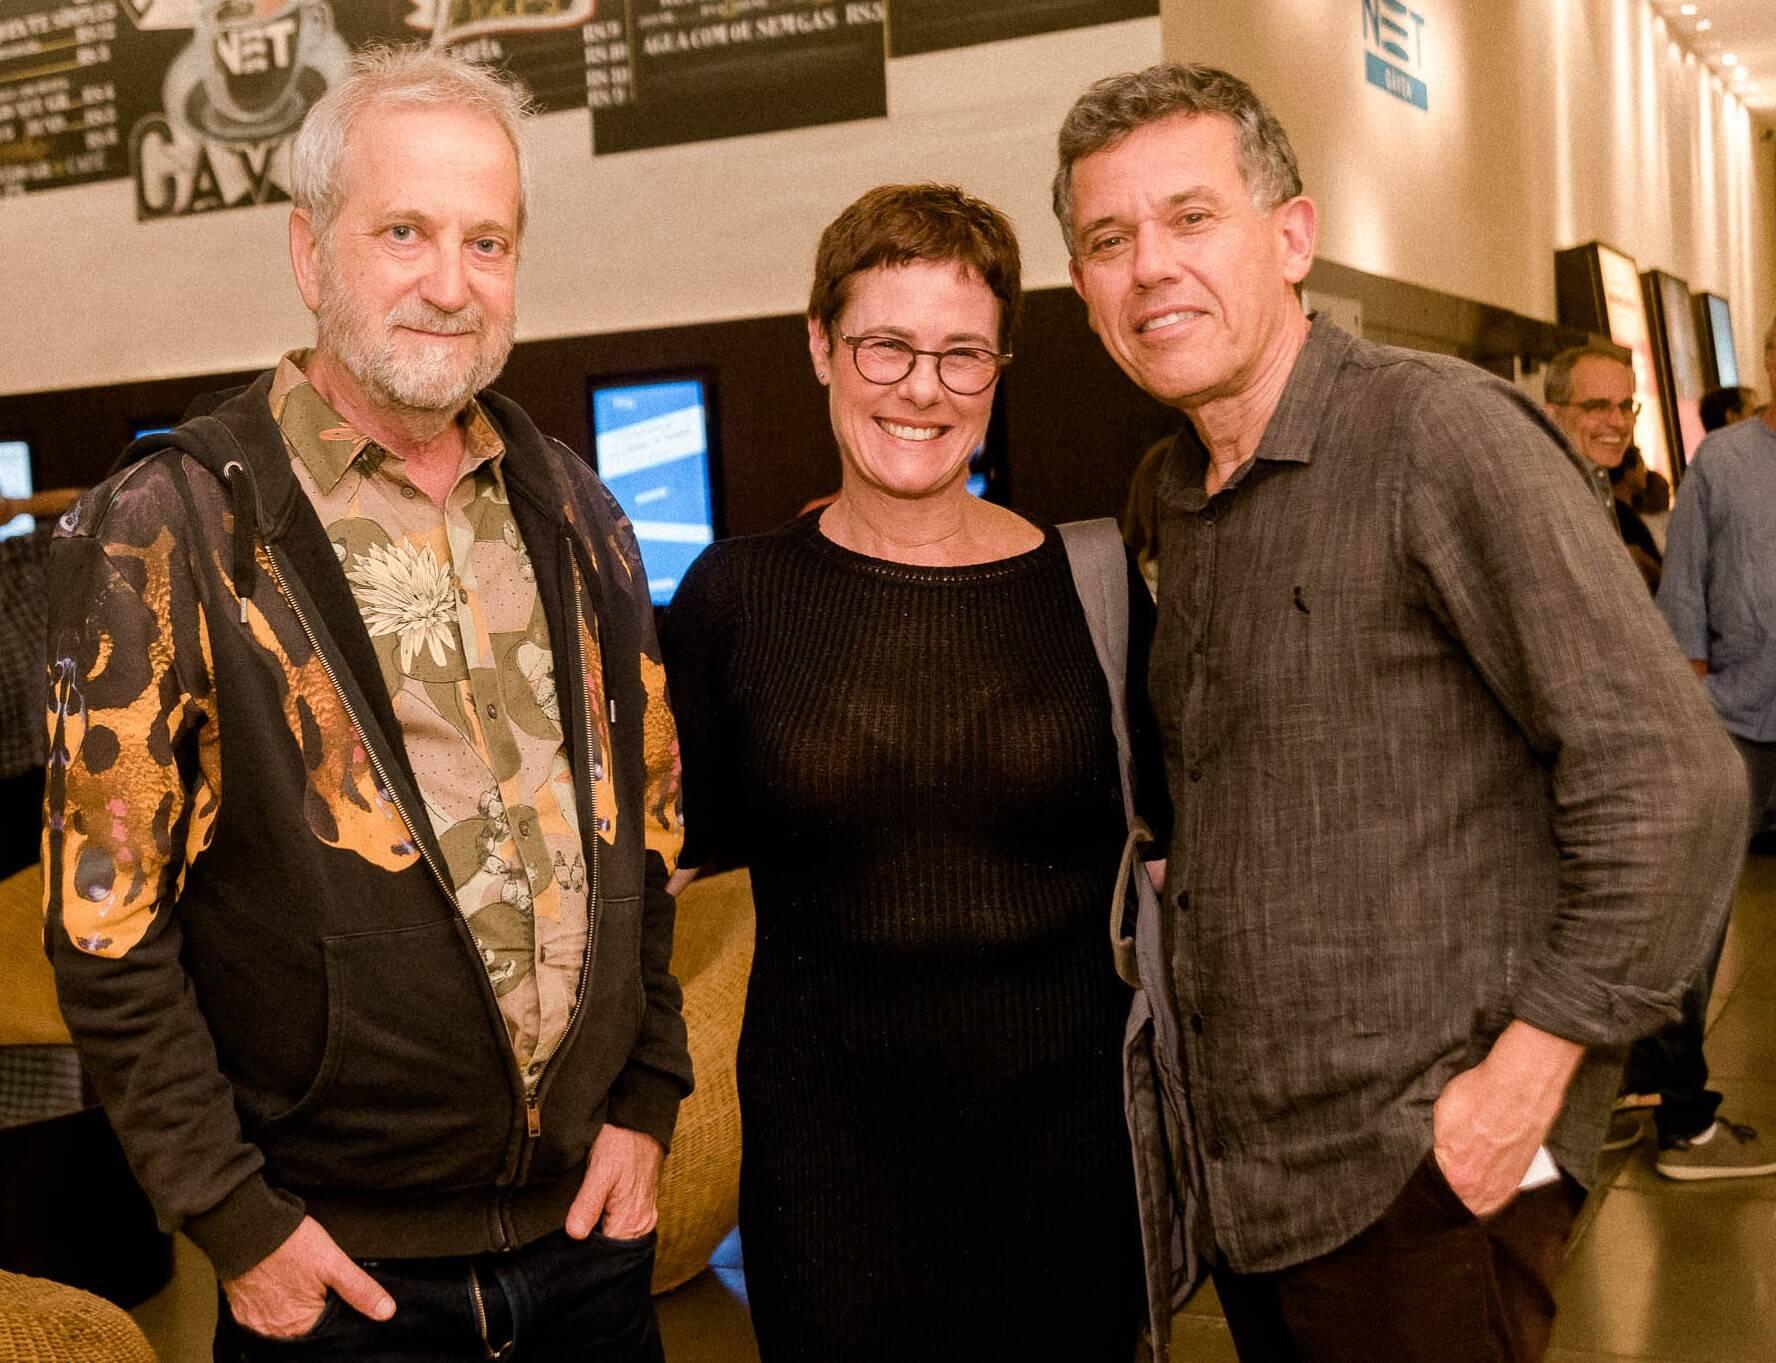 Leonel kaz, Esther e Nilton Bonder /Foto: Renato Wrobel